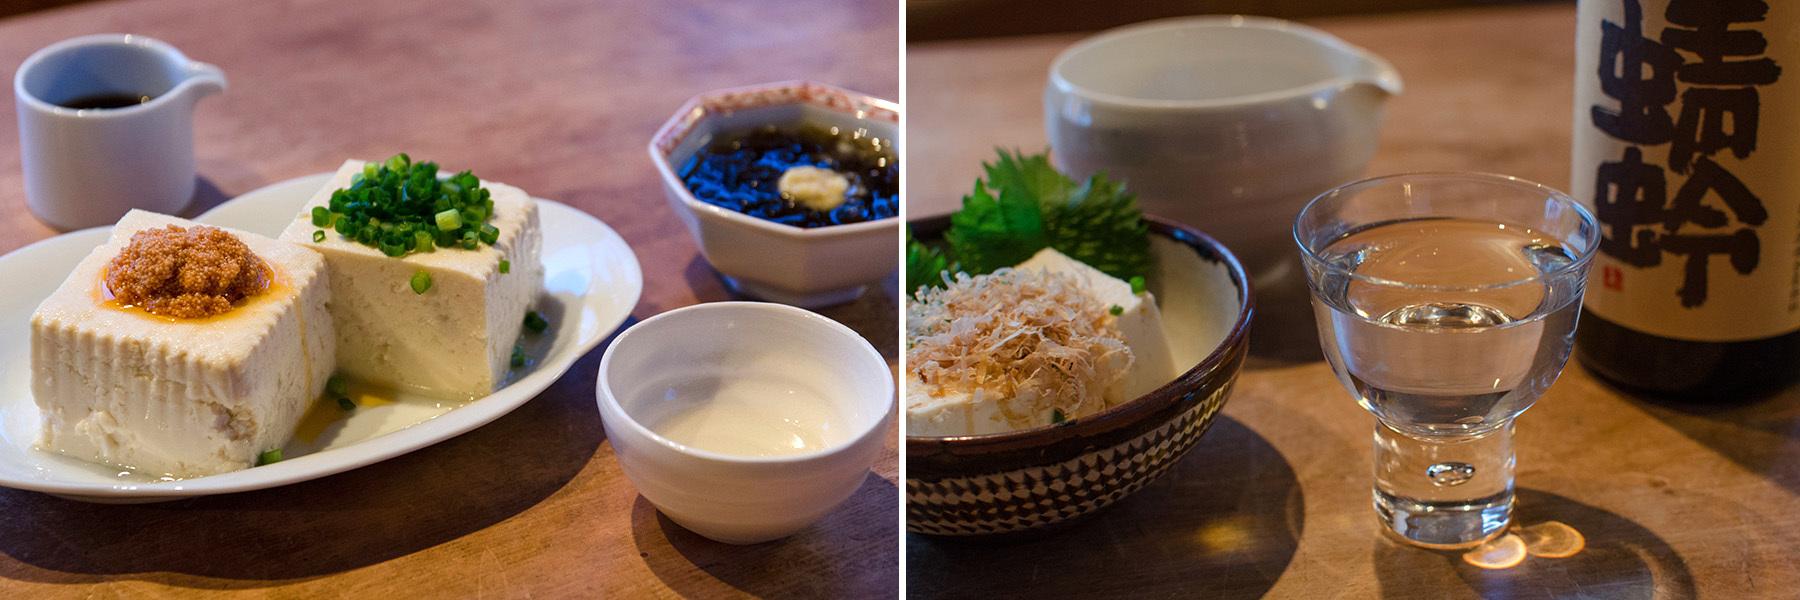 だいずな(大事な)日本の食材。 <第367巻>_b0340837_16363300.jpg